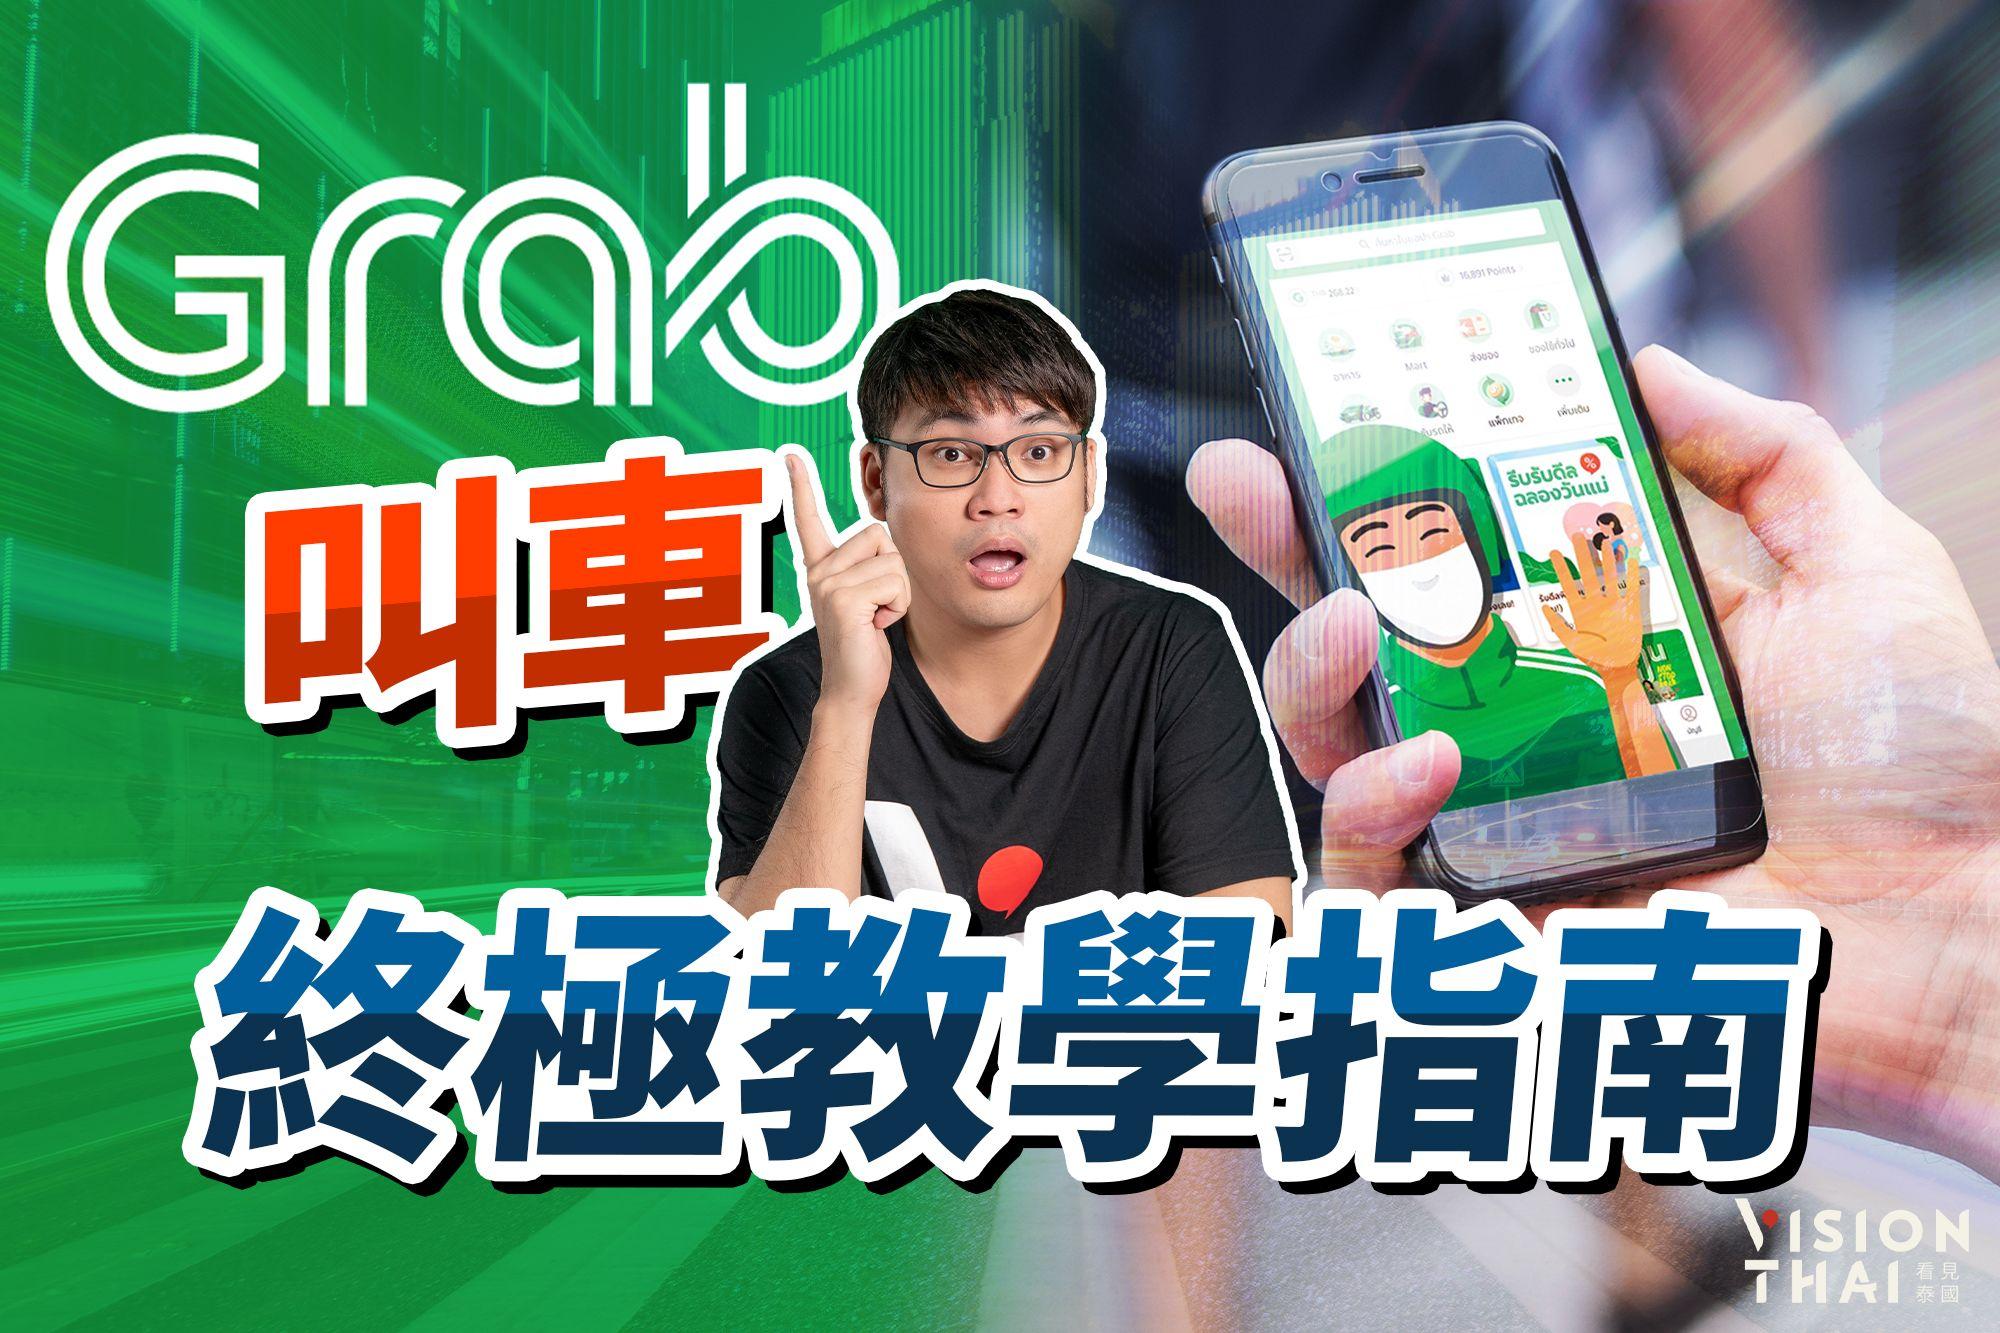 泰國叫車Grab App終極攻略 下載註冊、叫車教學、信用卡綁定、中文版設定